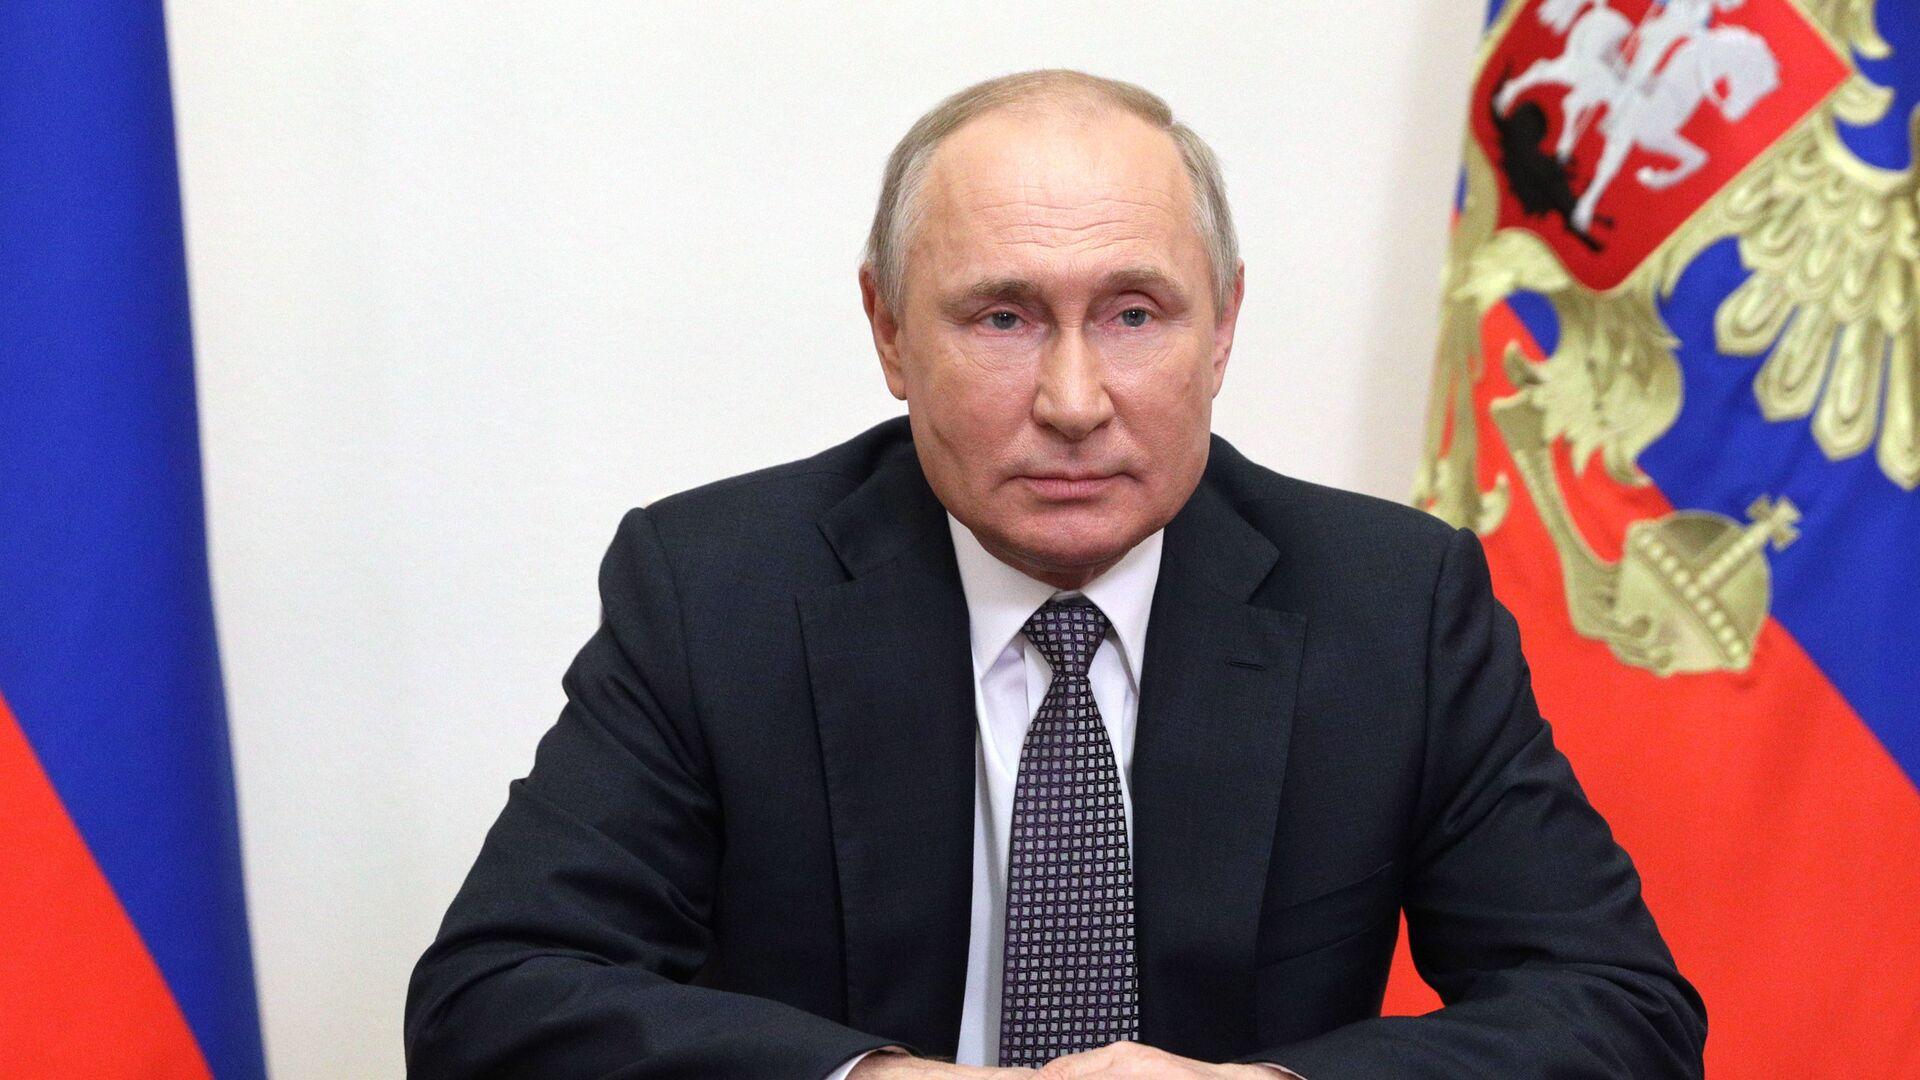 Ruský prezident Vladimir Putin se obrátil k účastníkům Moskevské bezpečnostní konference - Sputnik Česká republika, 1920, 01.09.2021